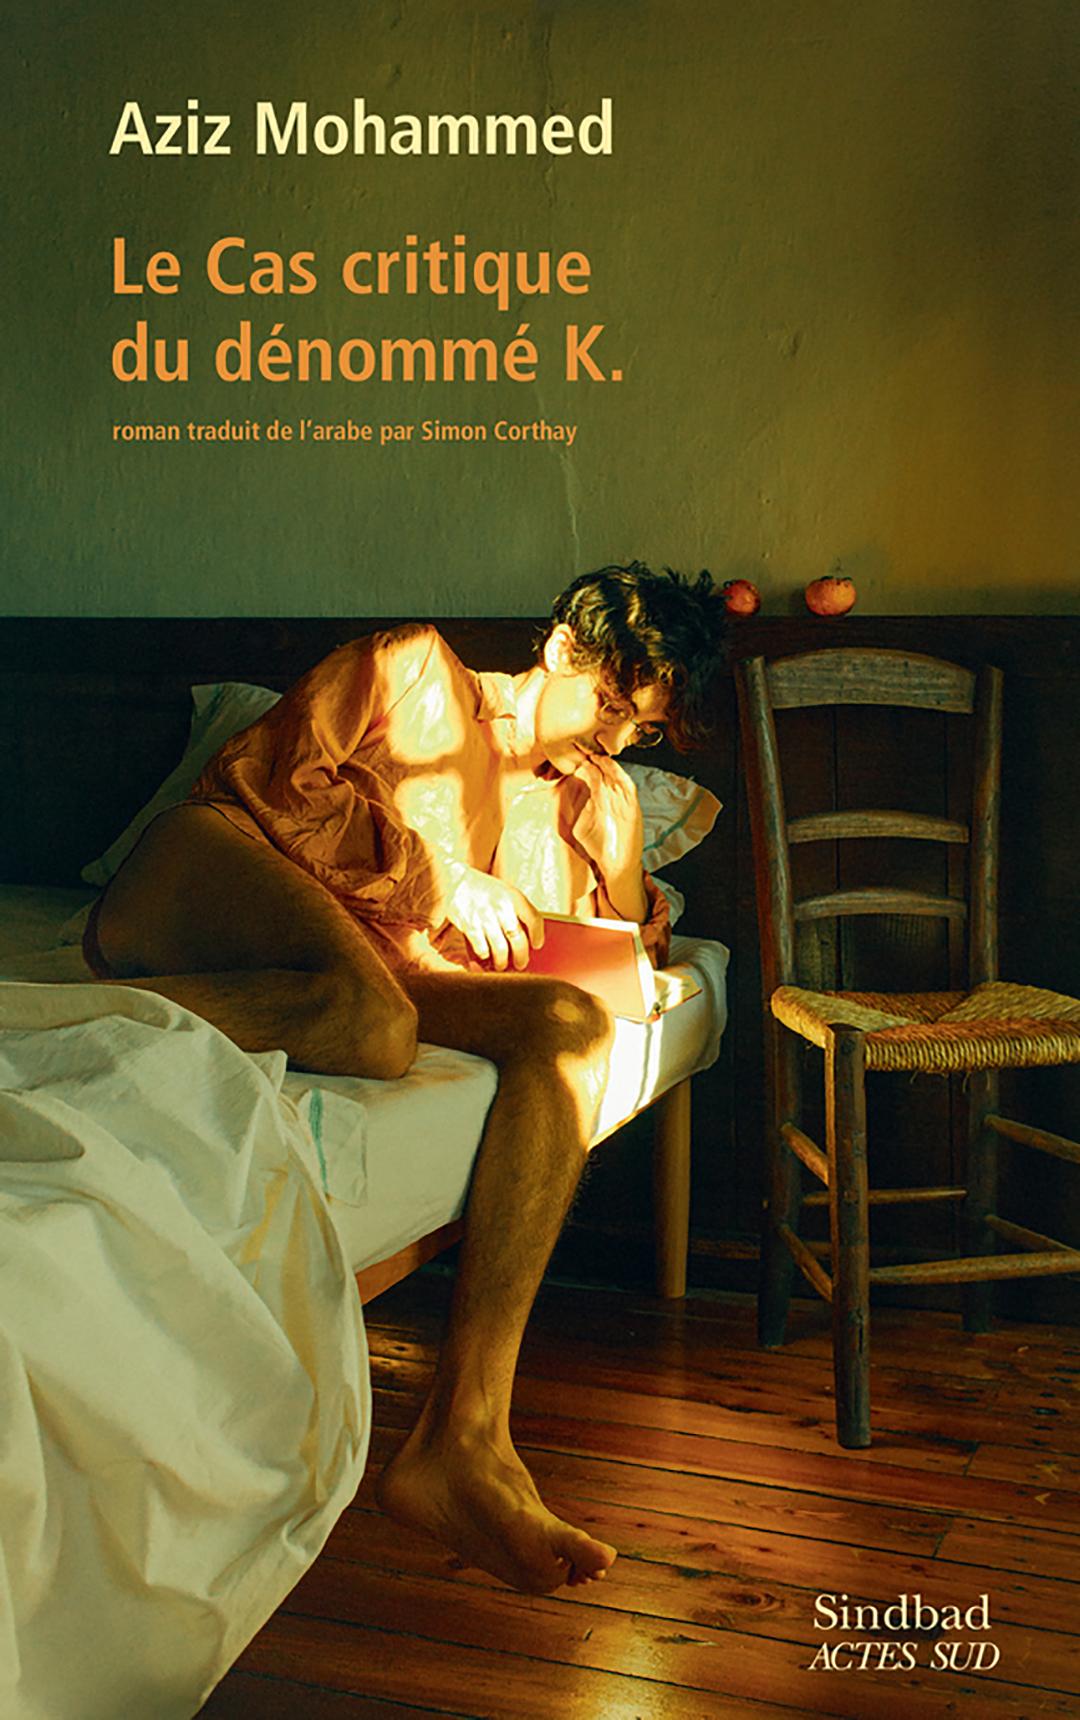 «Le cas critique du dénommé K»,Sindbad/Actes Sud, traduit par Simon Corthay, 317 p., 22,50€